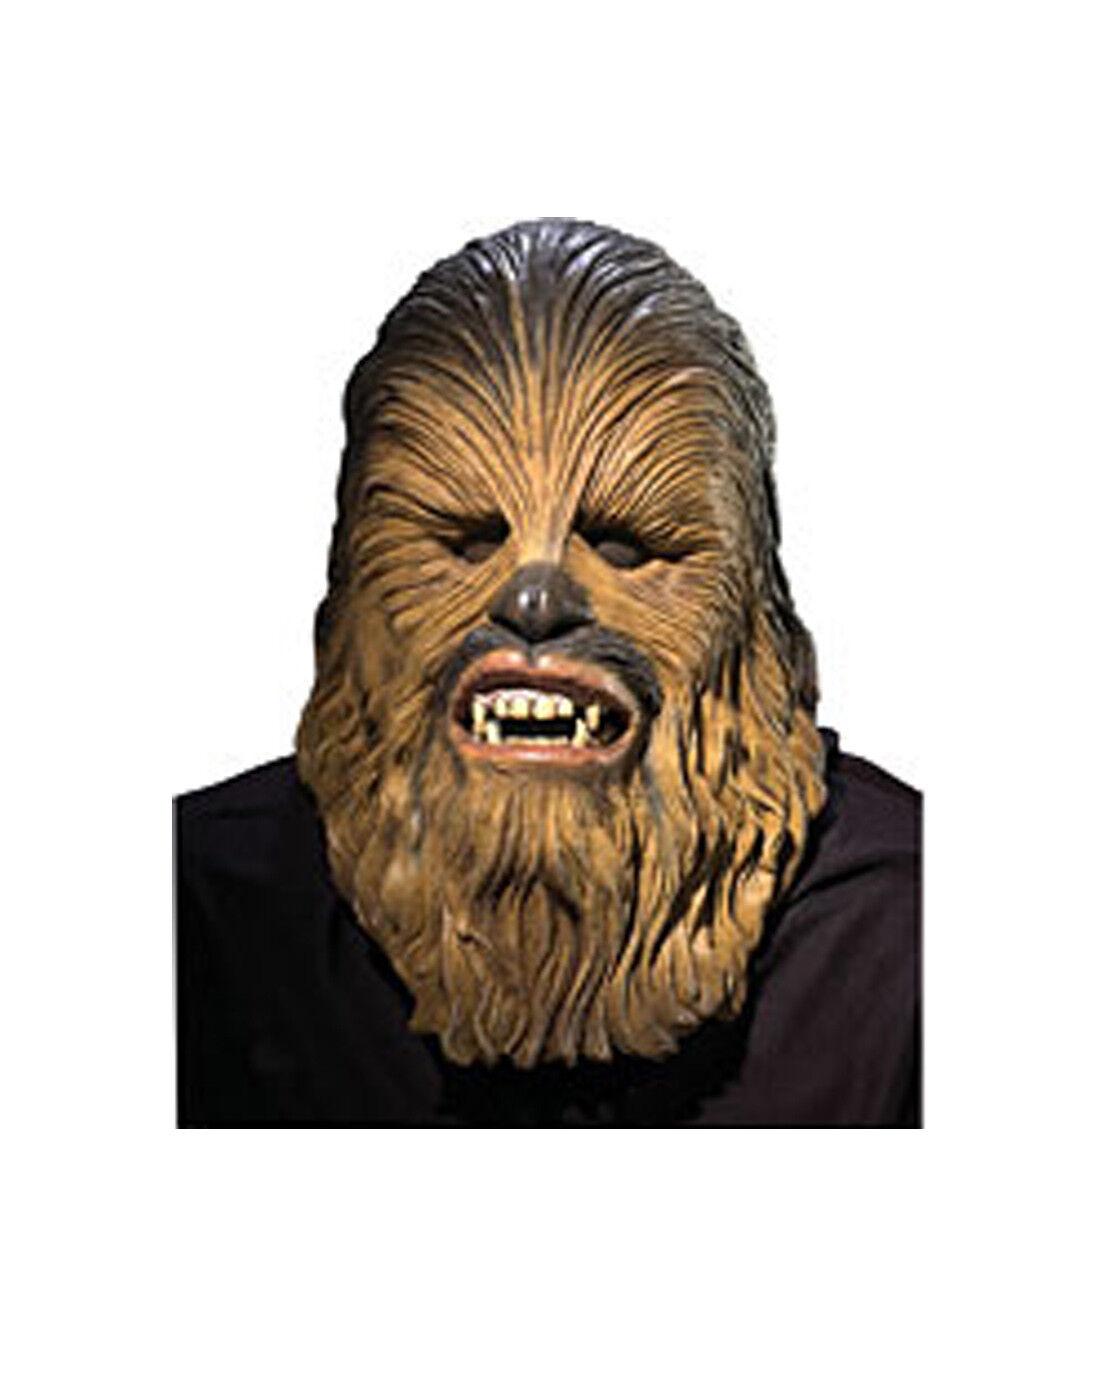 Star Wars Voll Latex Latex Latex Wookie Chewbacca Chewy Haarig über den Kopf Maske  | Online-Shop  | Queensland  | Schönes Design  | Outlet Online  | Mangelware  cc5745